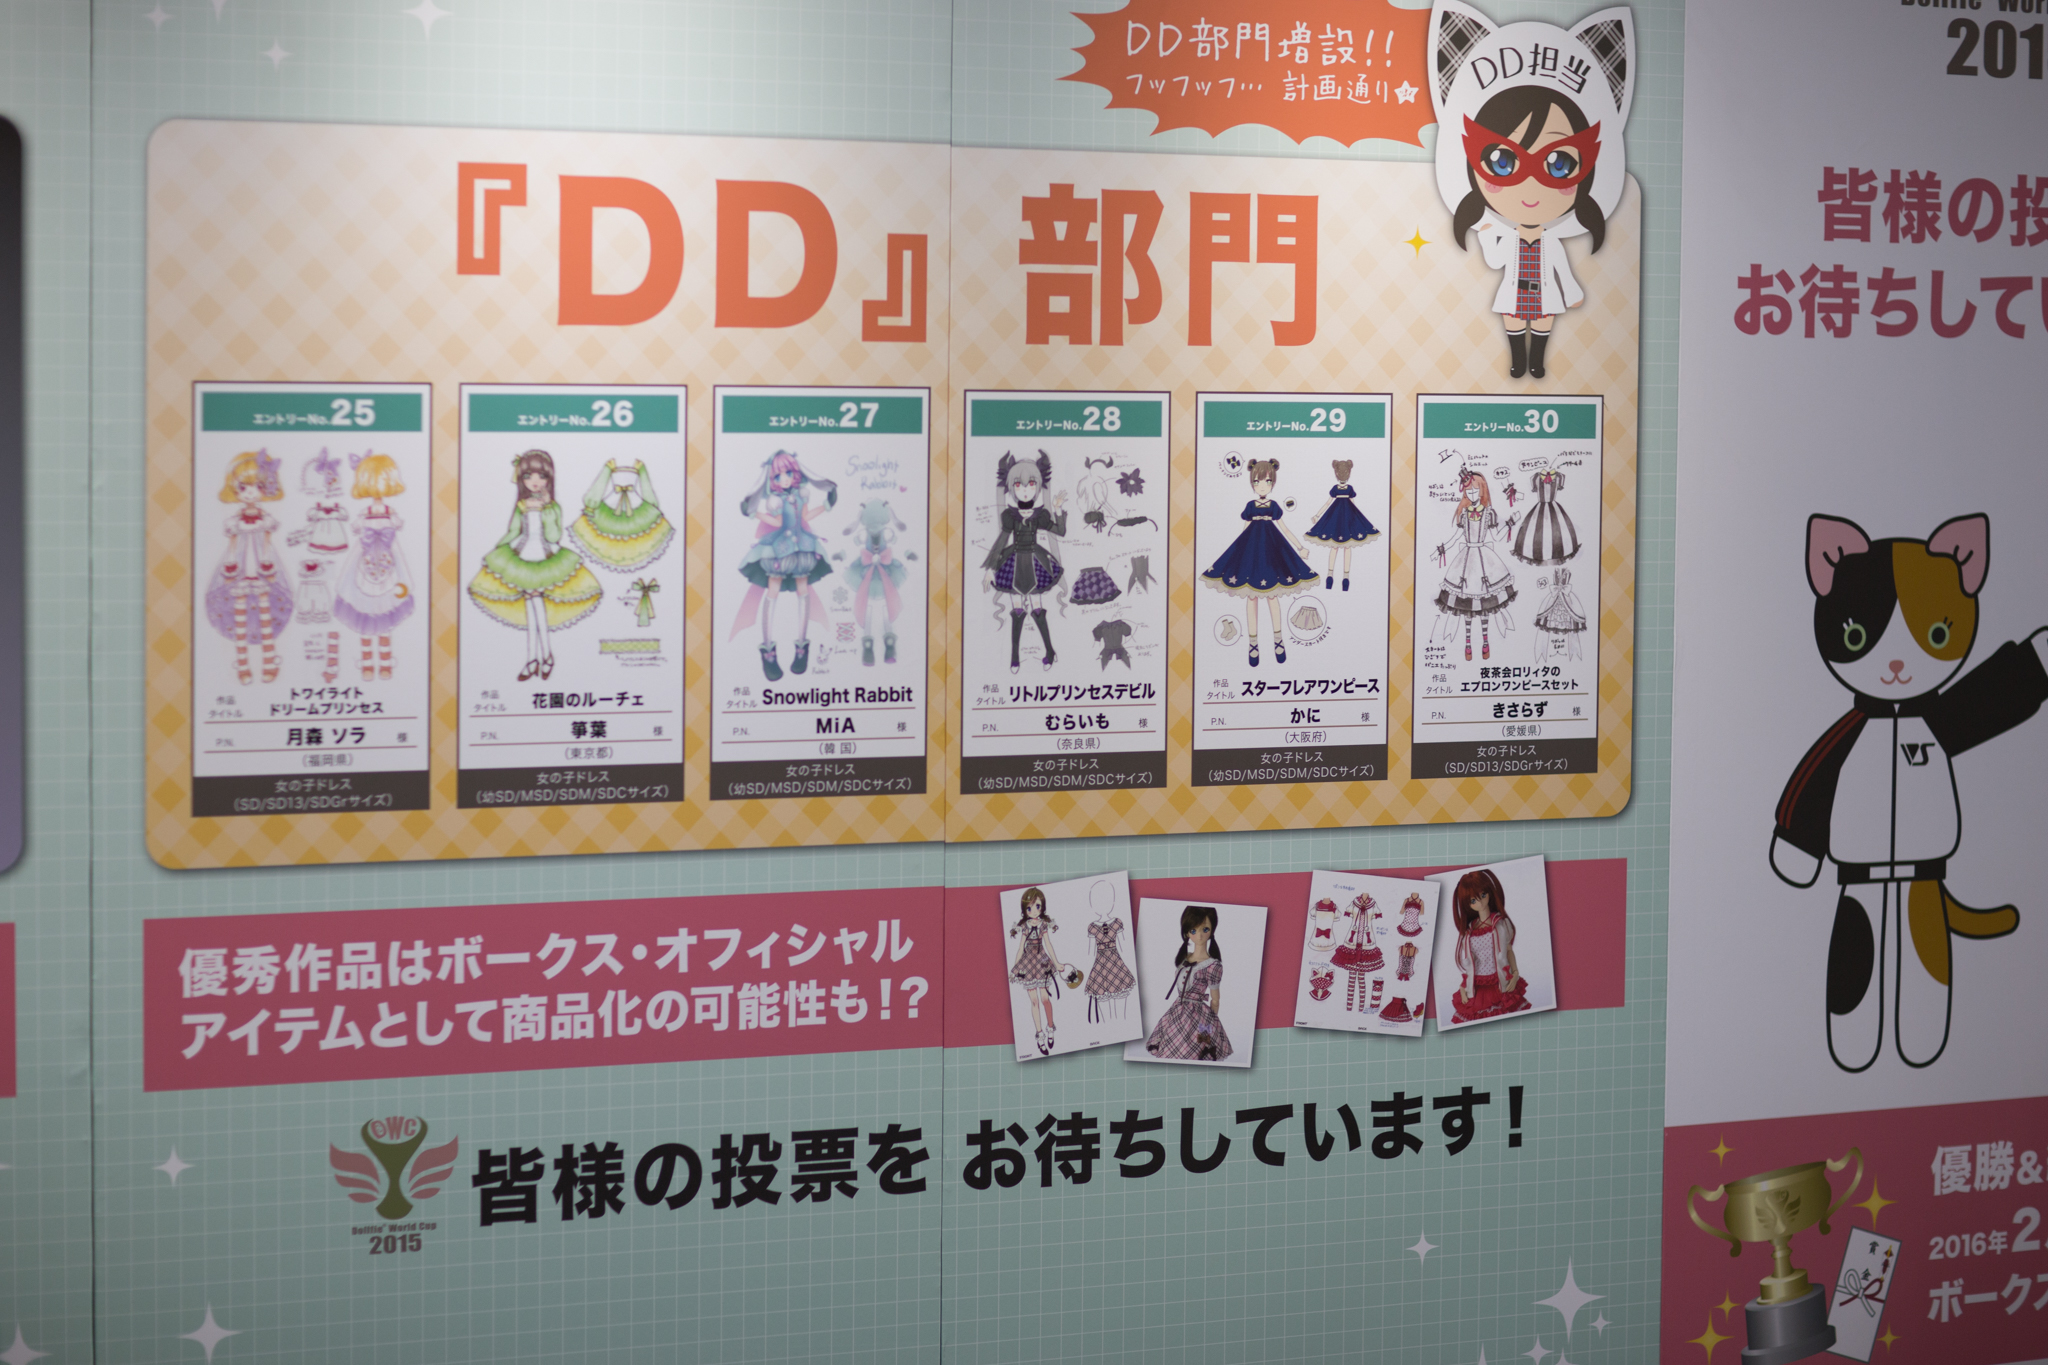 DWC2015_『DD』部門